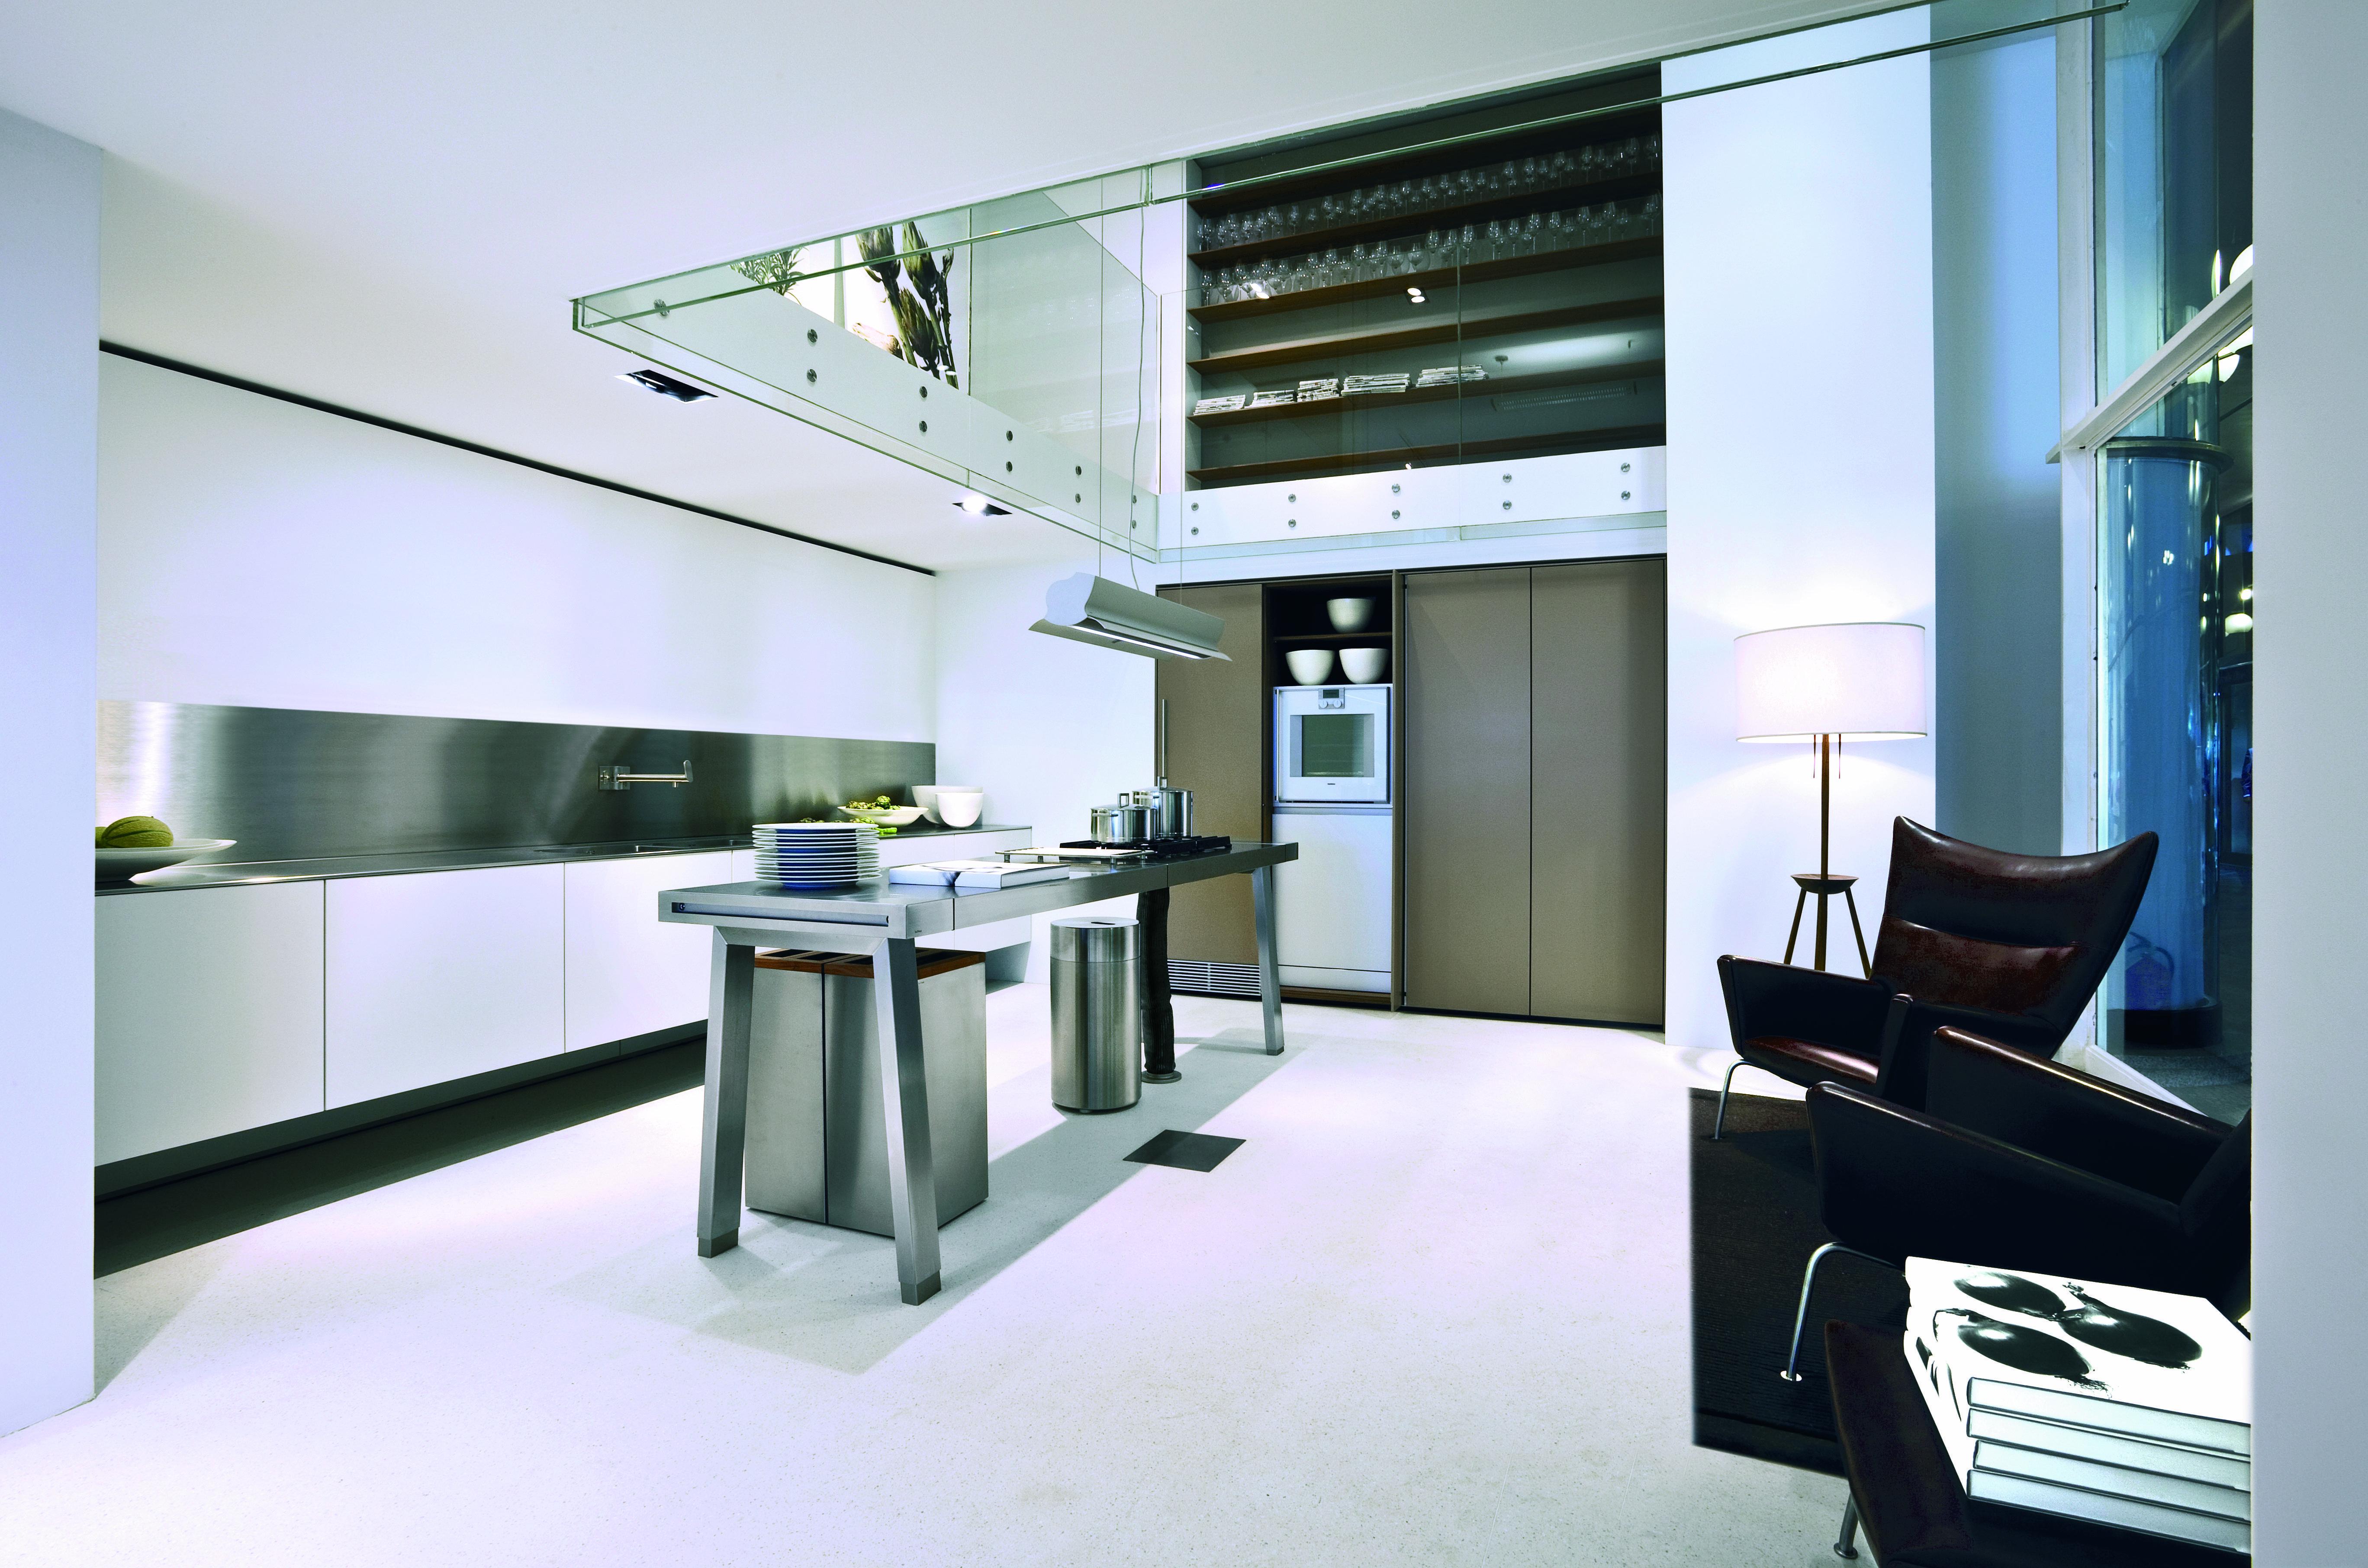 bulthaup - b3 keuken in combinatie met een b2 werktafel | b3 - de ...